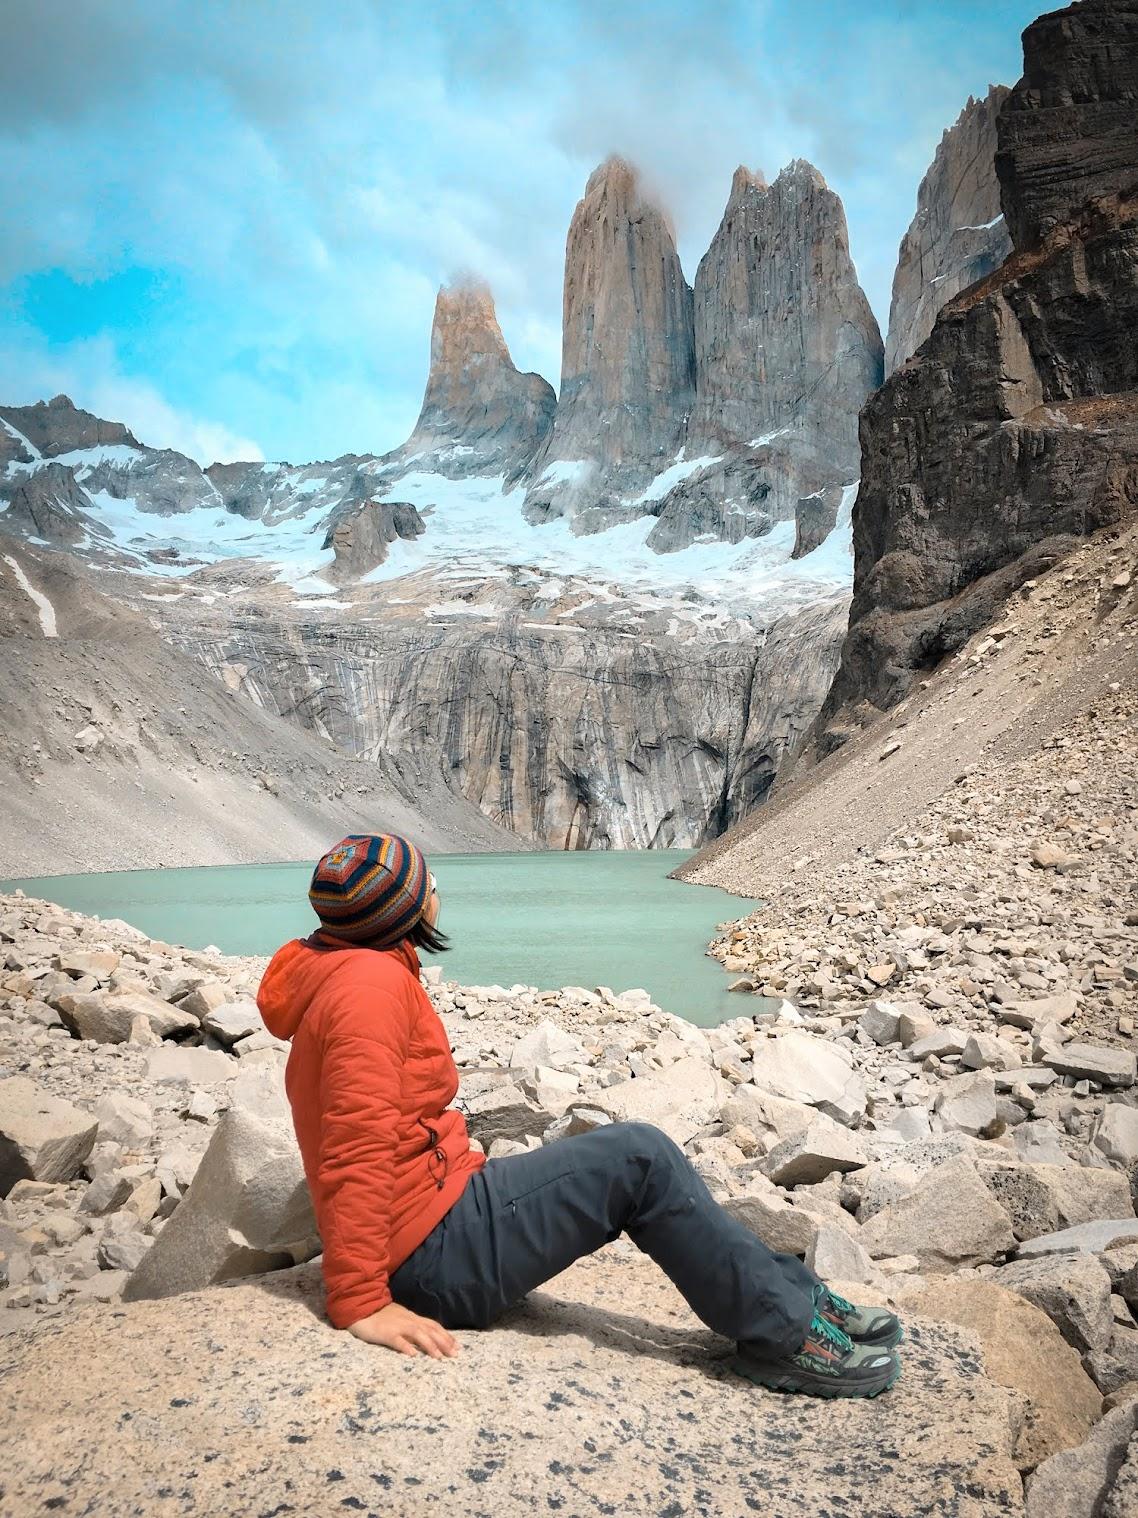 At Los Torres, Patagonia